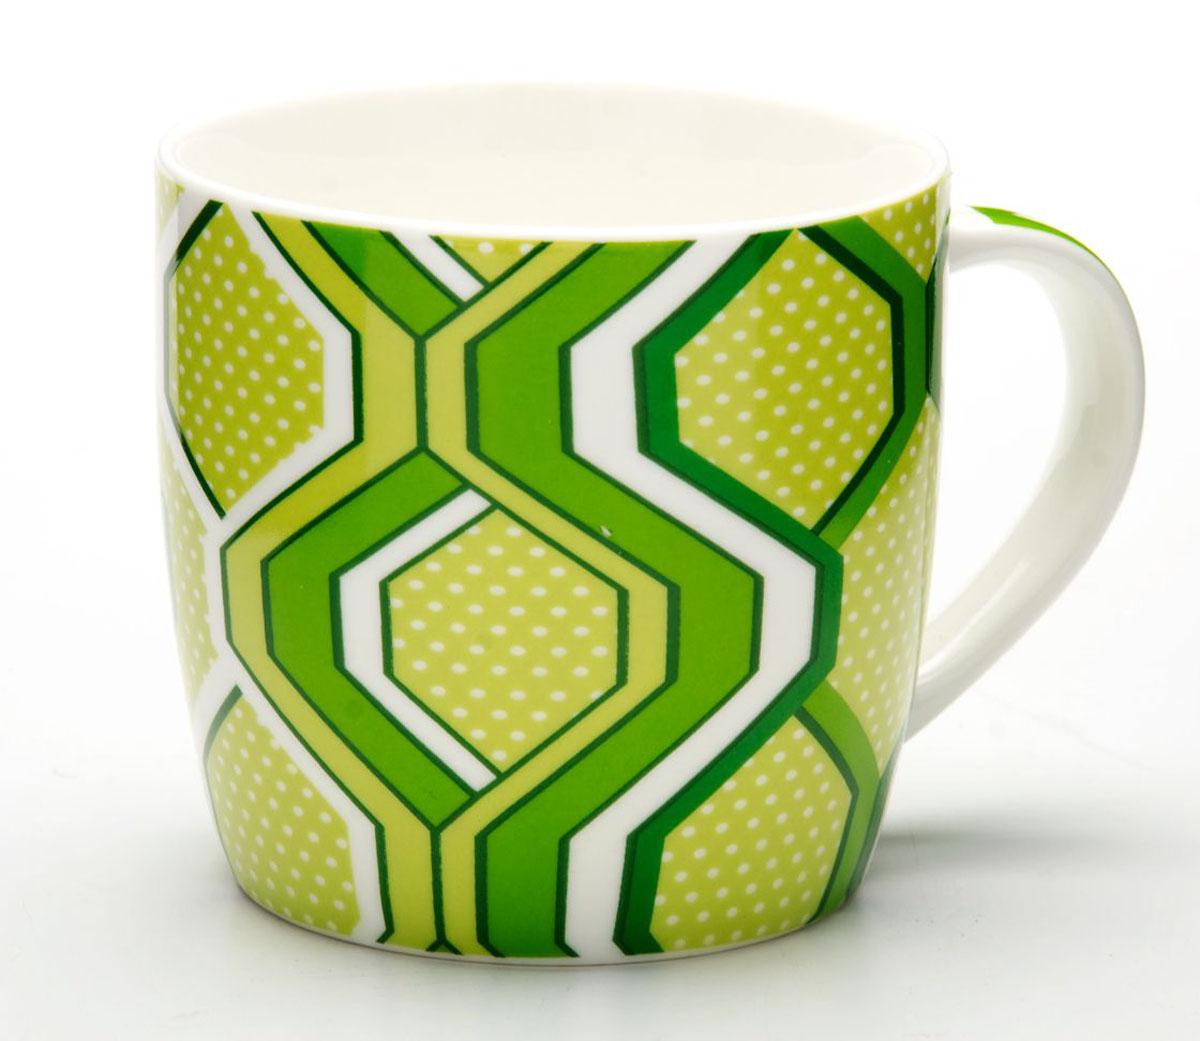 Кружка Loraine, 320 мл. 2448724487_светло-зеленыйКружка изготовлена из высококачественного костяного фарфора и оформлена стильным орнаментом. Изящный дизайн придется по вкусу и ценителям классики, и тем, кто предпочитает утонченность и изысканность. Она настроит на позитивный лад и подарит хорошее настроение с самого утра. Кружка LORAINE - идеальный и необходимый подарок для вашего дома и для ваших друзей в праздники.